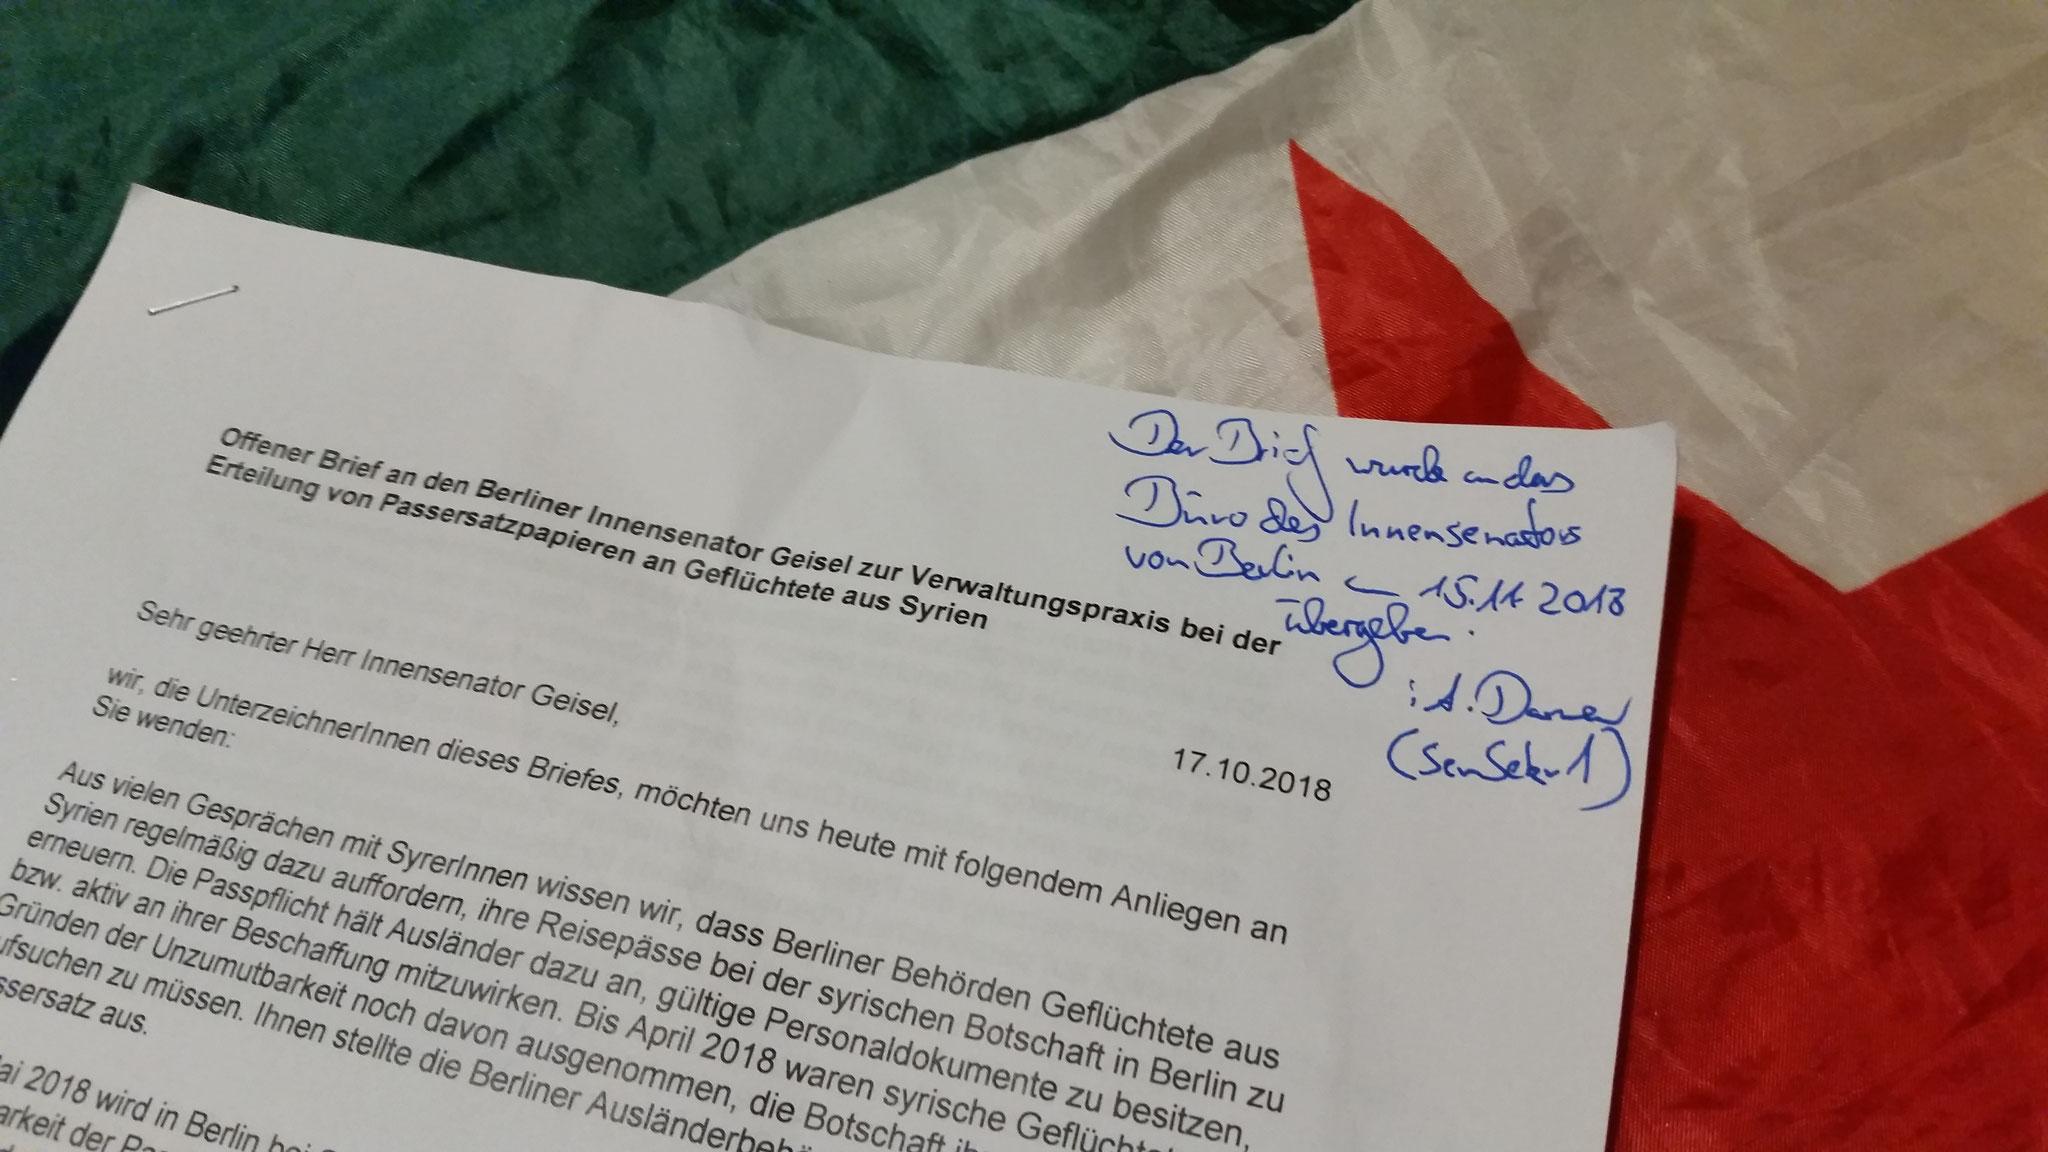 Eingangsbestätigung des offenen Briefes an Innensenator Andreas Geisel bei der Senatsverwaltung für Inneses und Sport